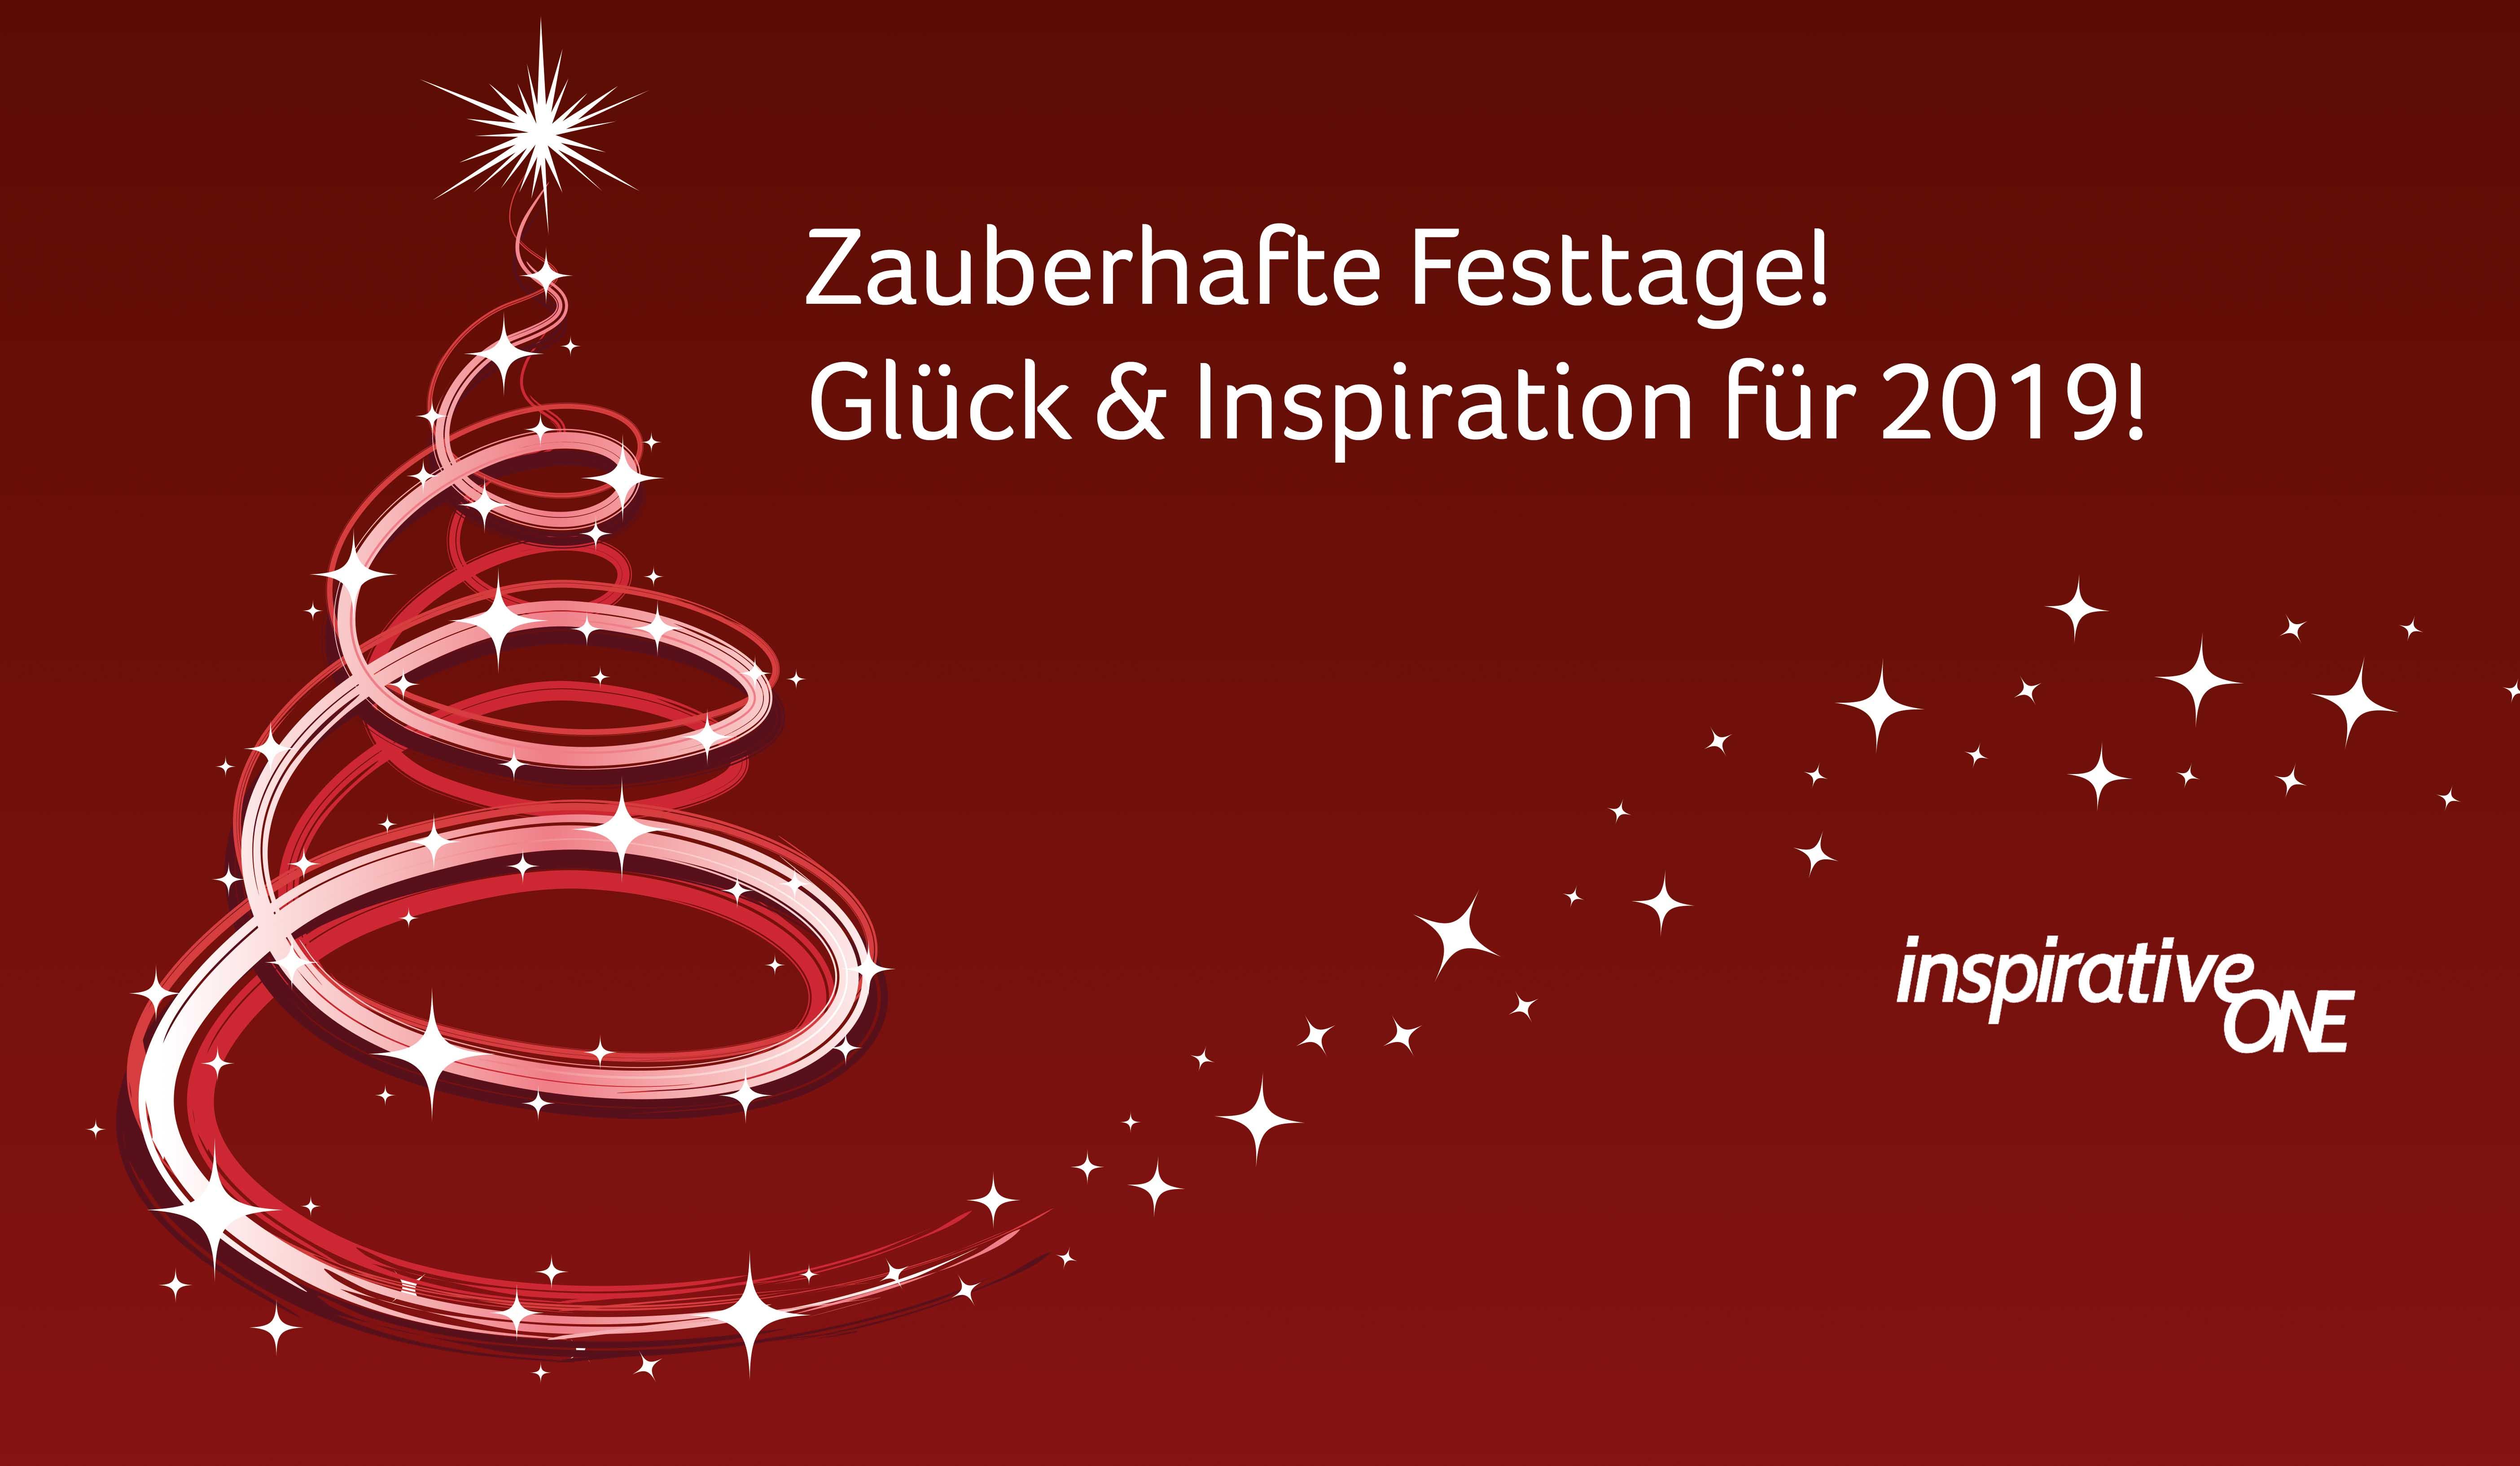 Zeichnung Weihnachtsbaum und Sternenstaub - gezeichnet mit schwungvollem Strich